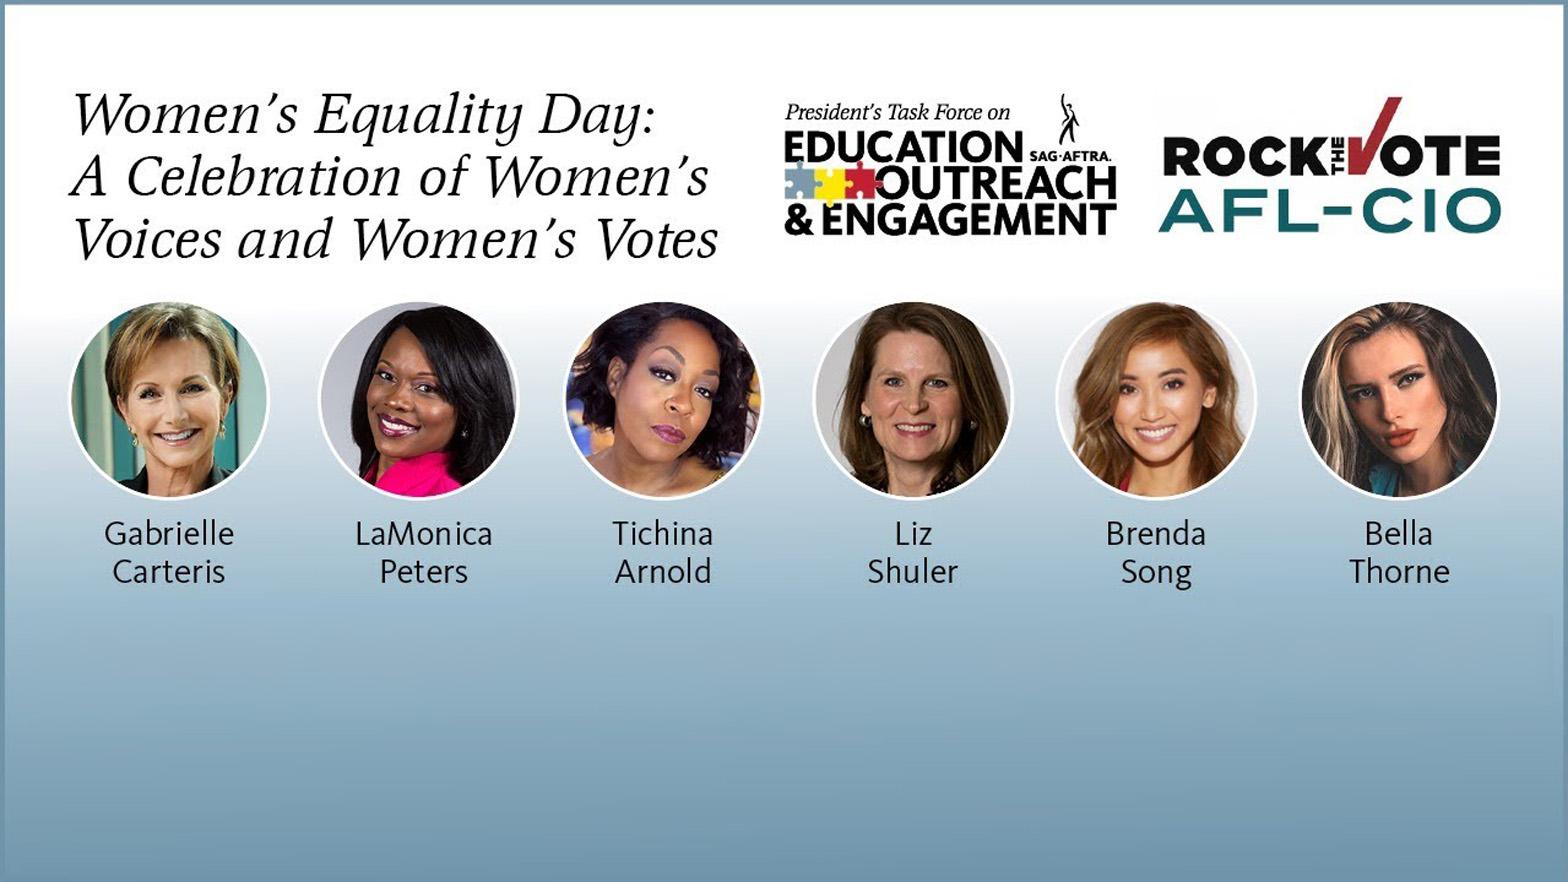 'Día de la Igualdad de la Mujer: Una celebración de la voz y el voto de la mujer' Disparos a la cabeza LR: Carteris, Peters, Arnold, Schuler, Song, Thorne